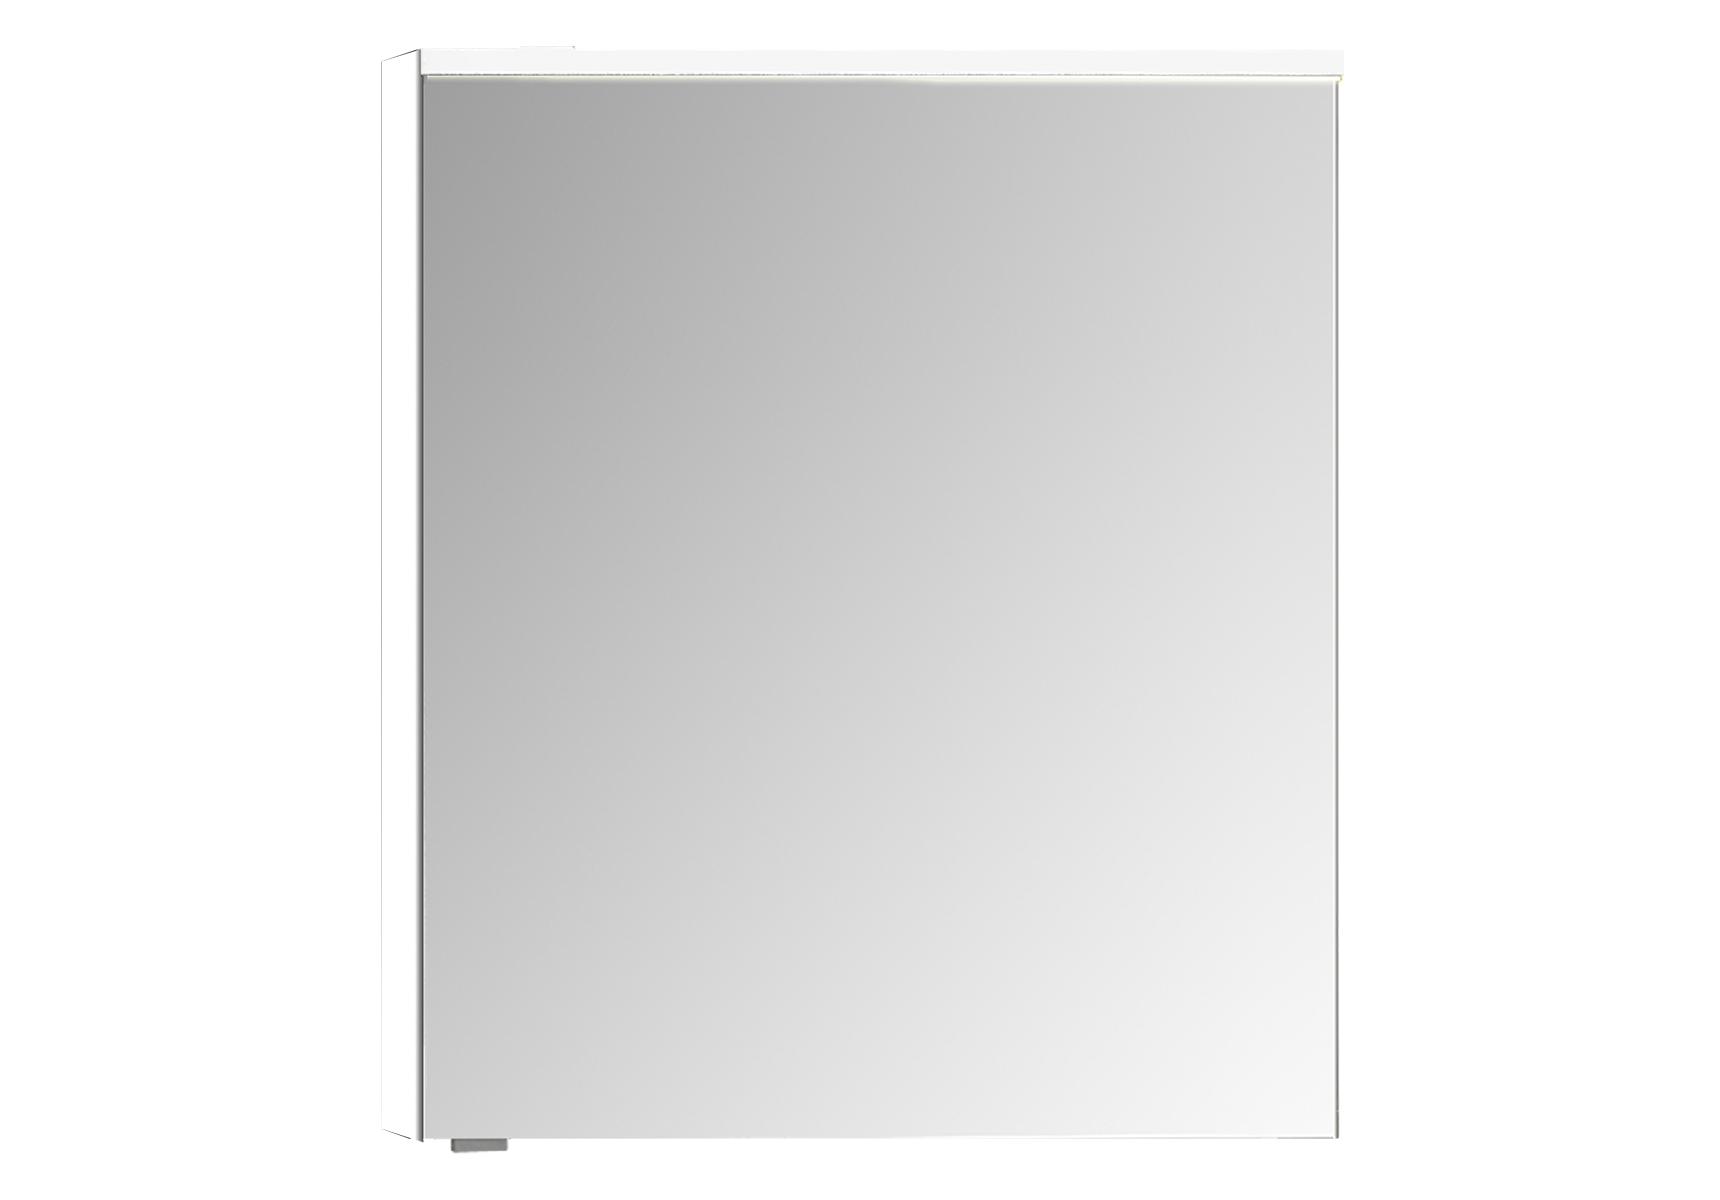 Sento Premium LED-Spiegelschrank, 60 cm, Türanschlag rechts, Weiß Matt